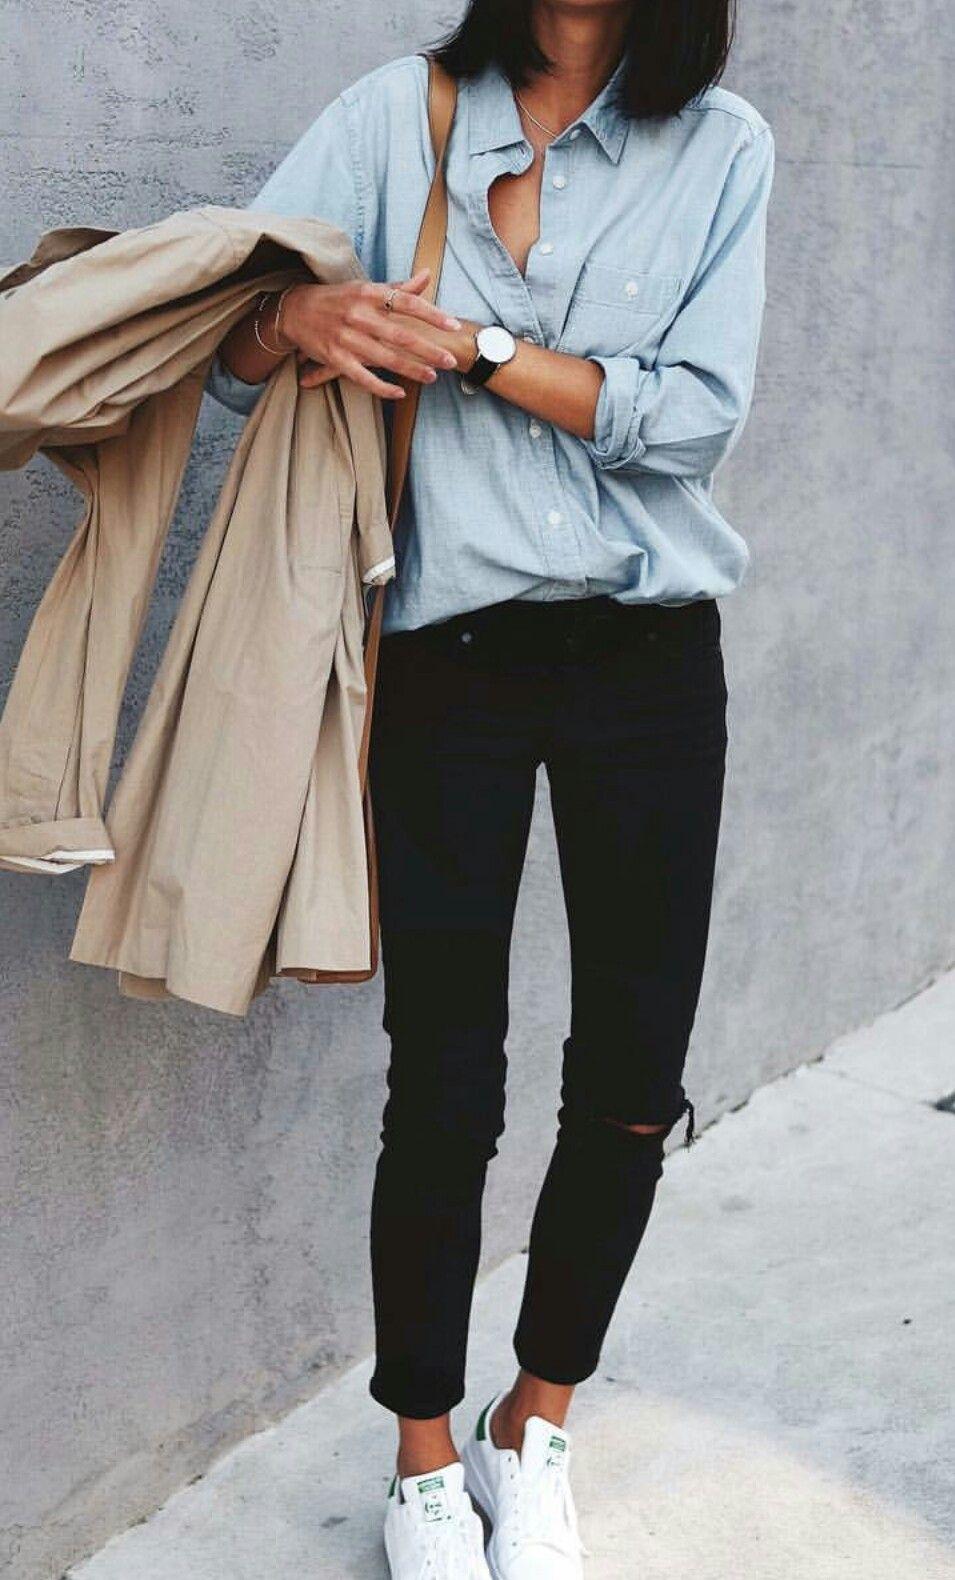 La chemise en jean large + le jeans noir + les baskets blanches